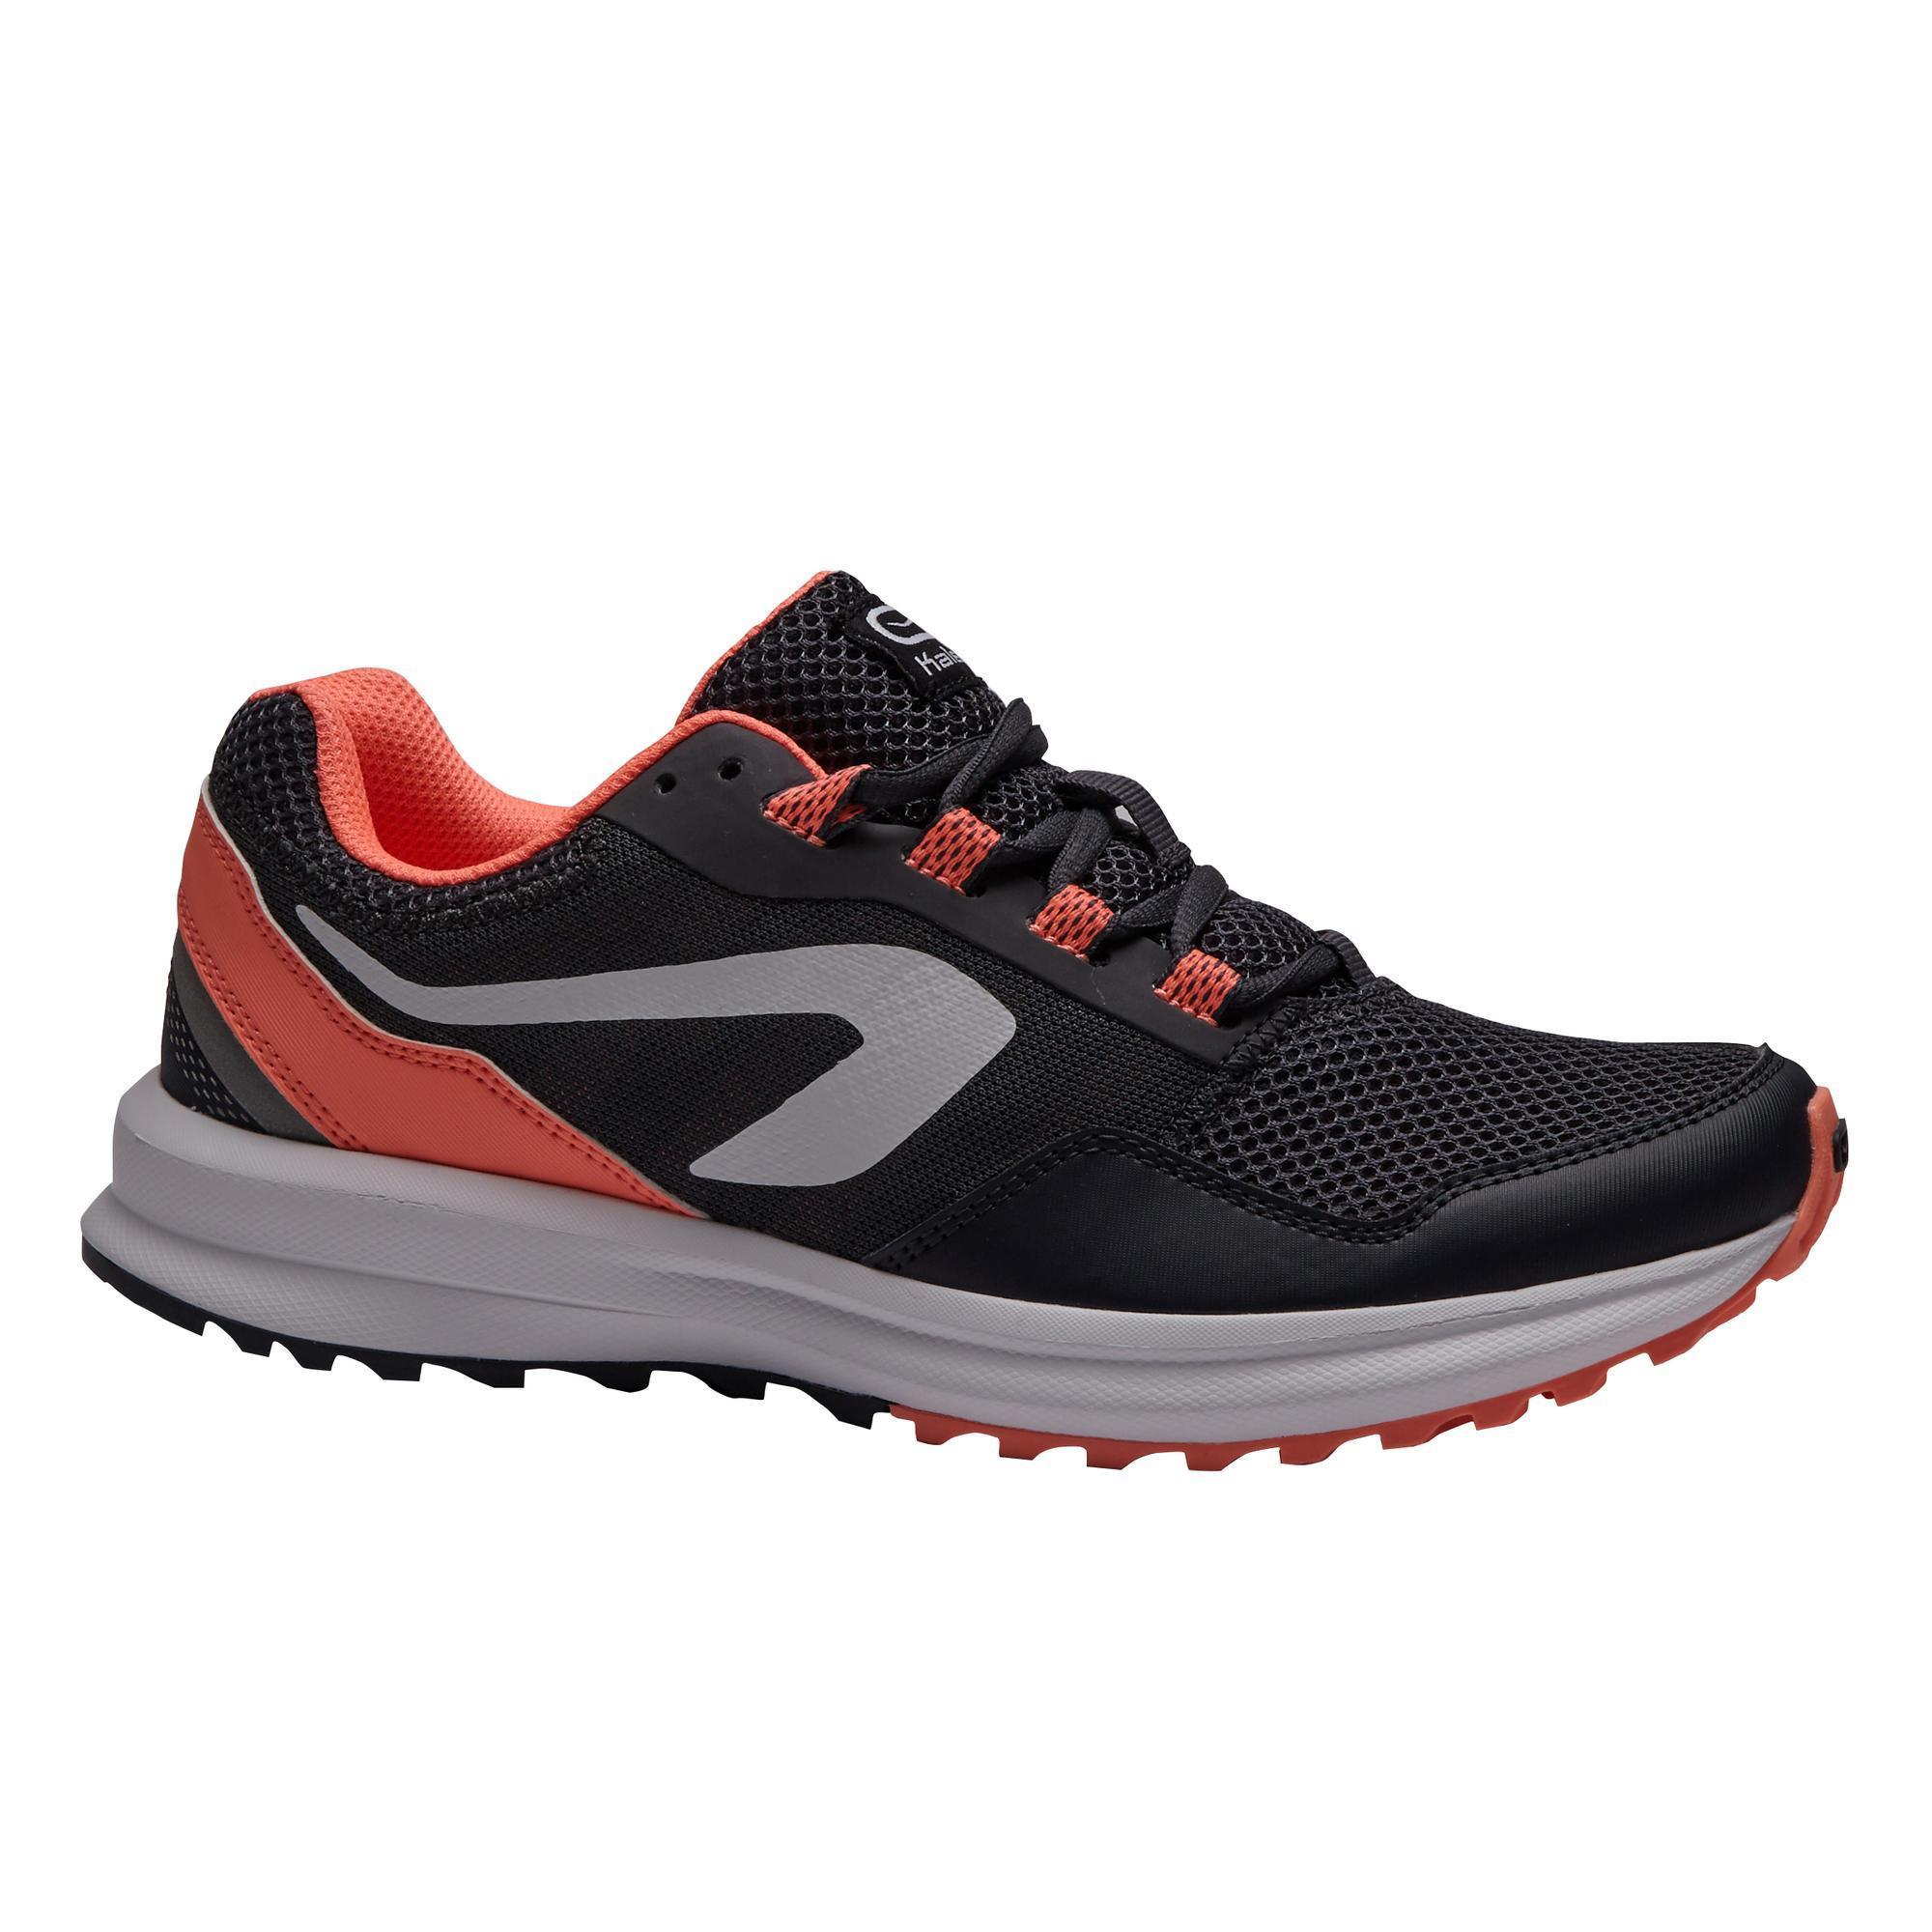 reputable site 18d1d 4792d Chaussures running Femmes   Decathlon